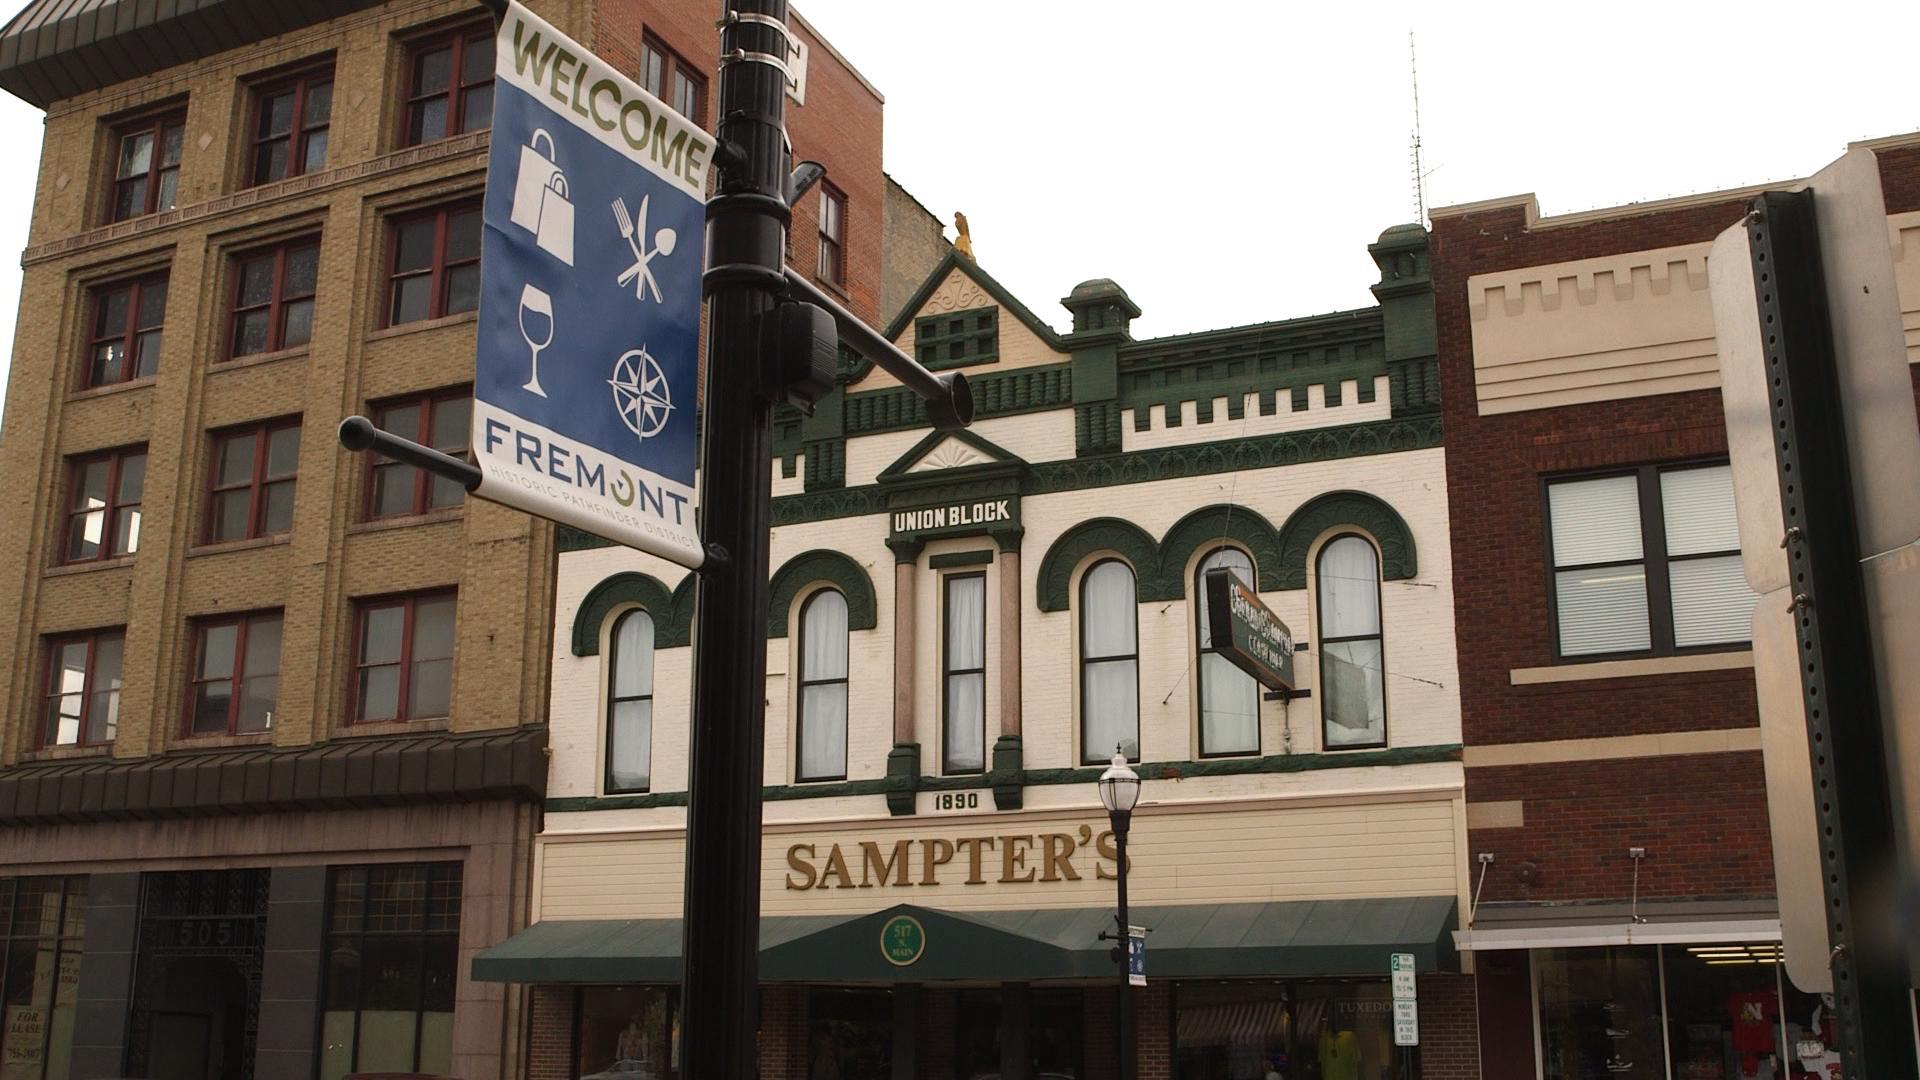 sampter's